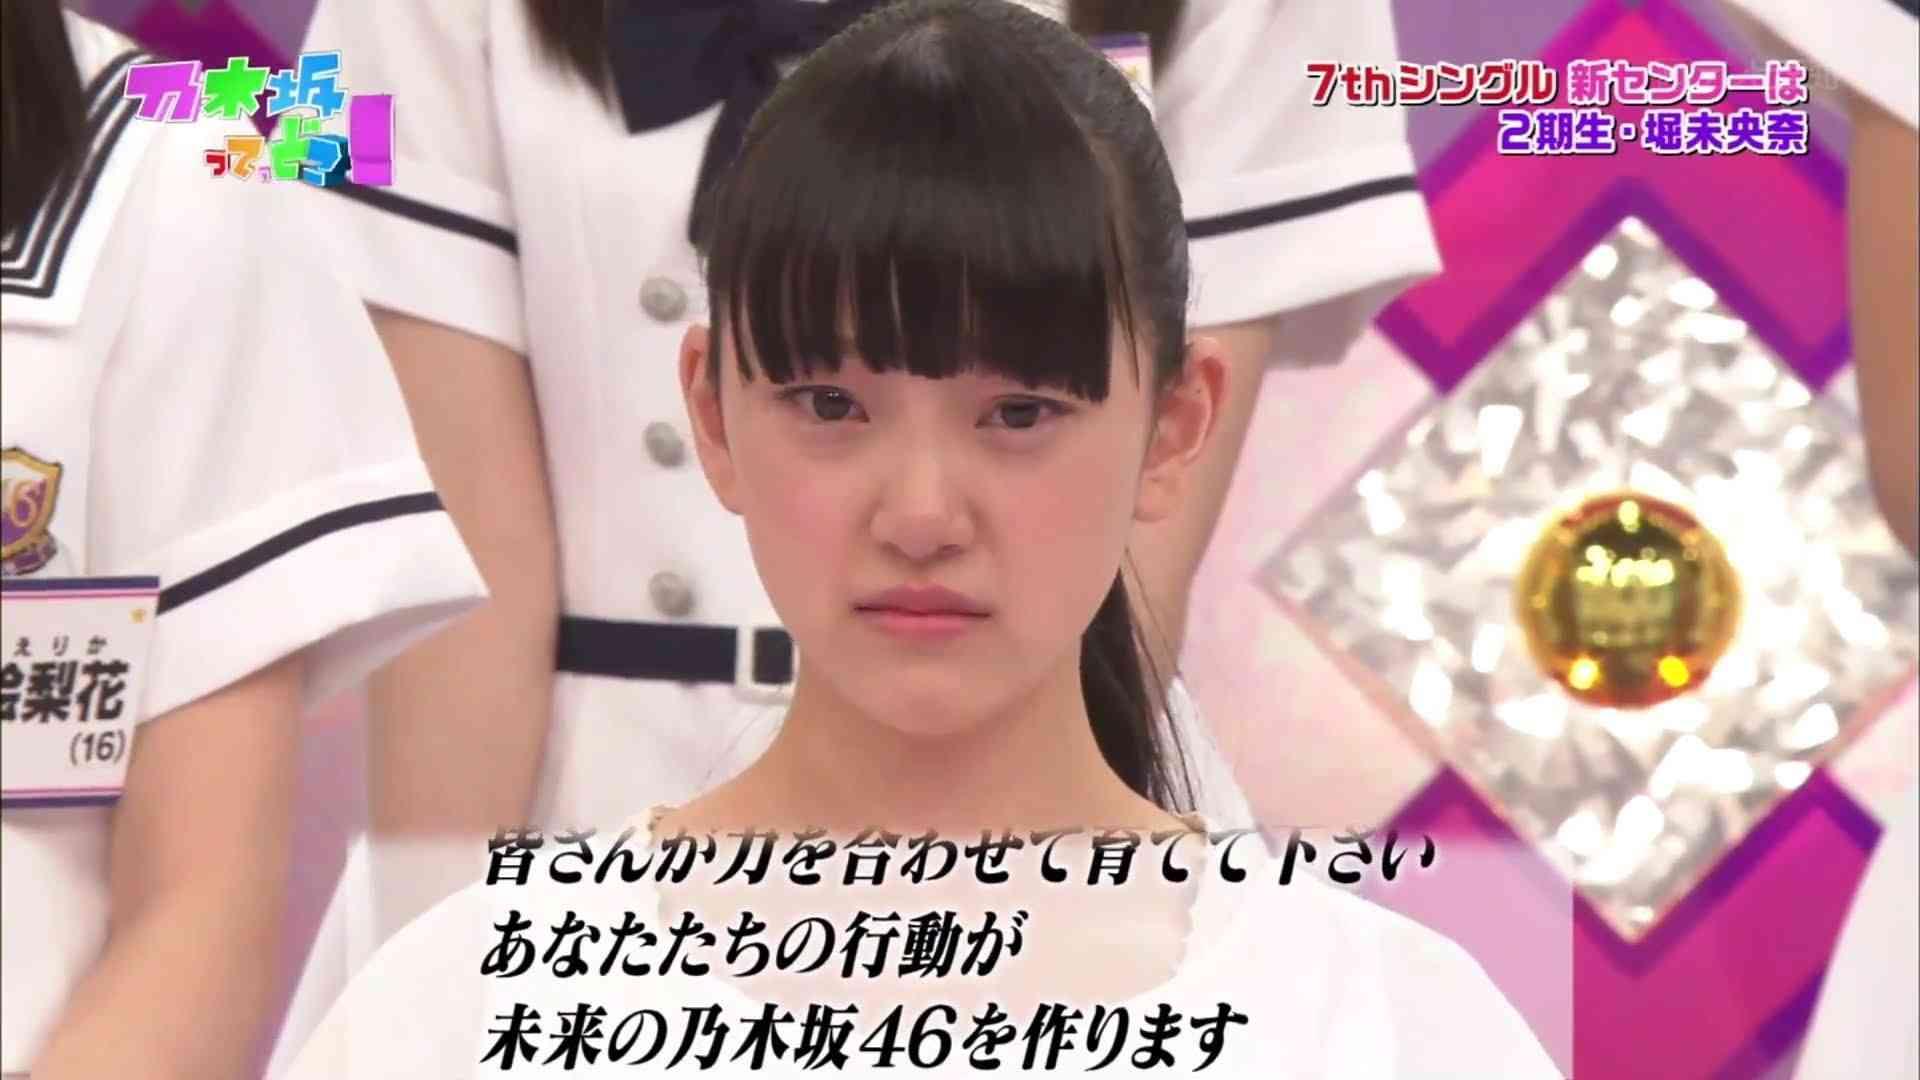 堀未央奈 乃木坂46 7th新センター 大号泣の発表の瞬間 - YouTube